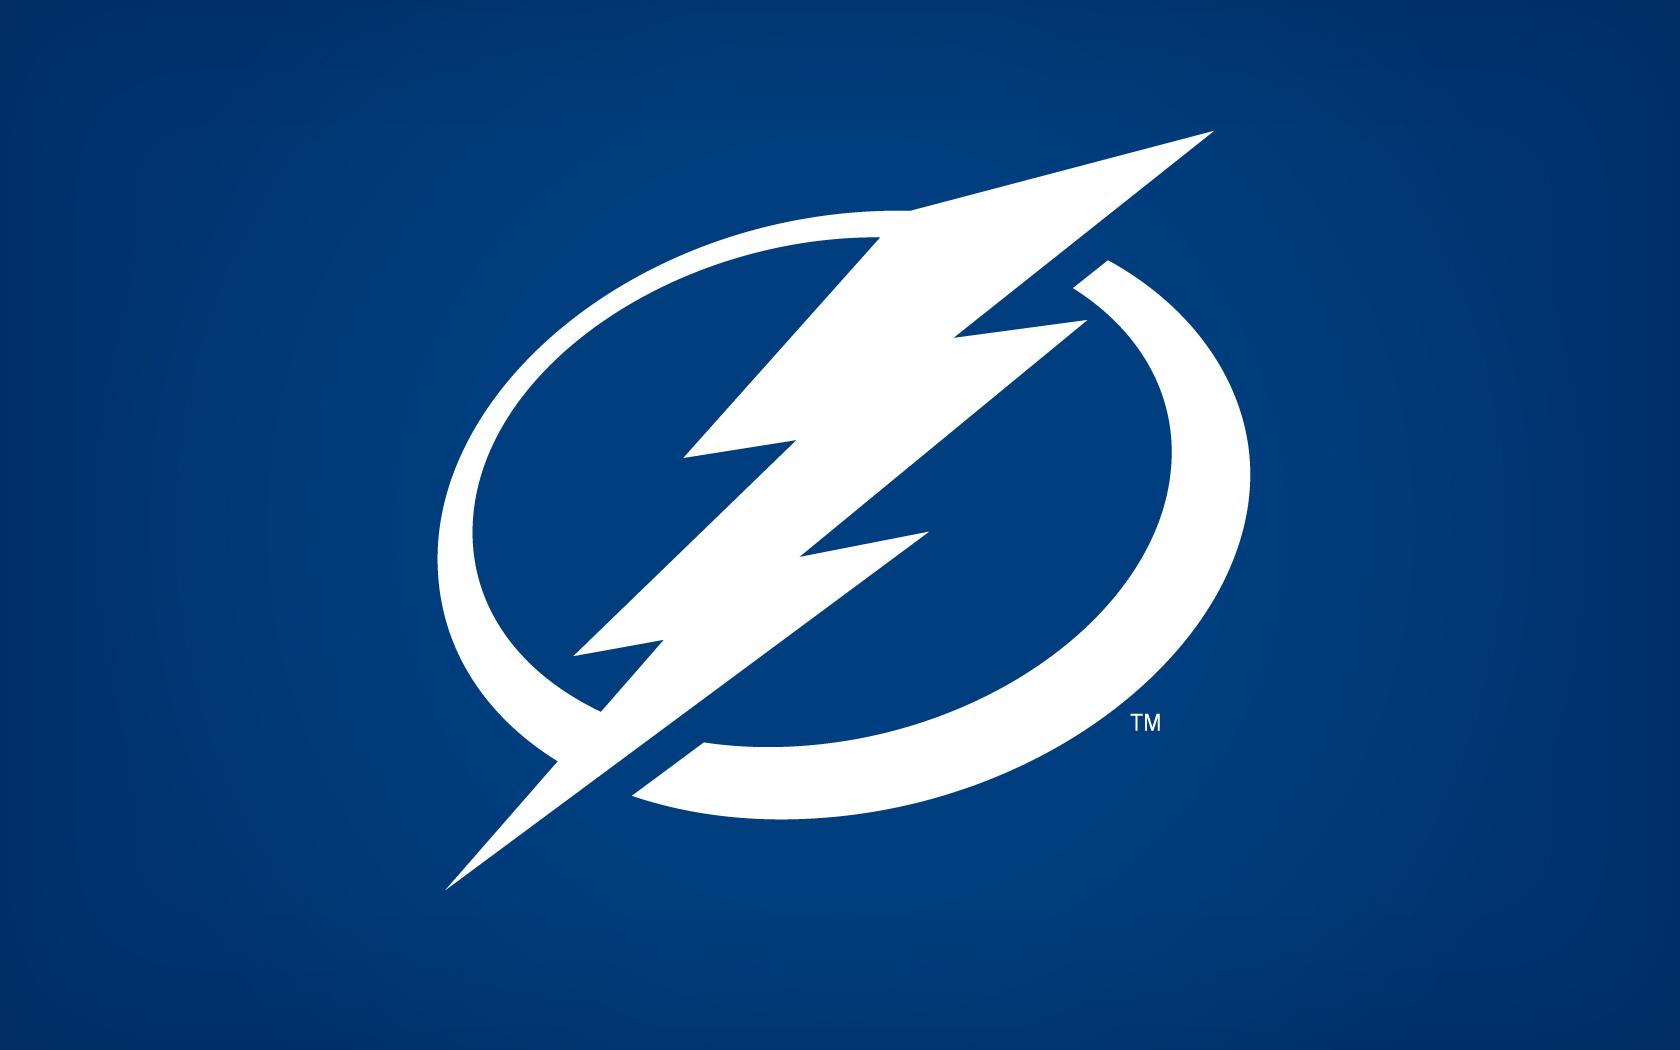 TBL Logo Wallpaper   Tampa Bay Lightning Wallpaper 28452465 1680x1050